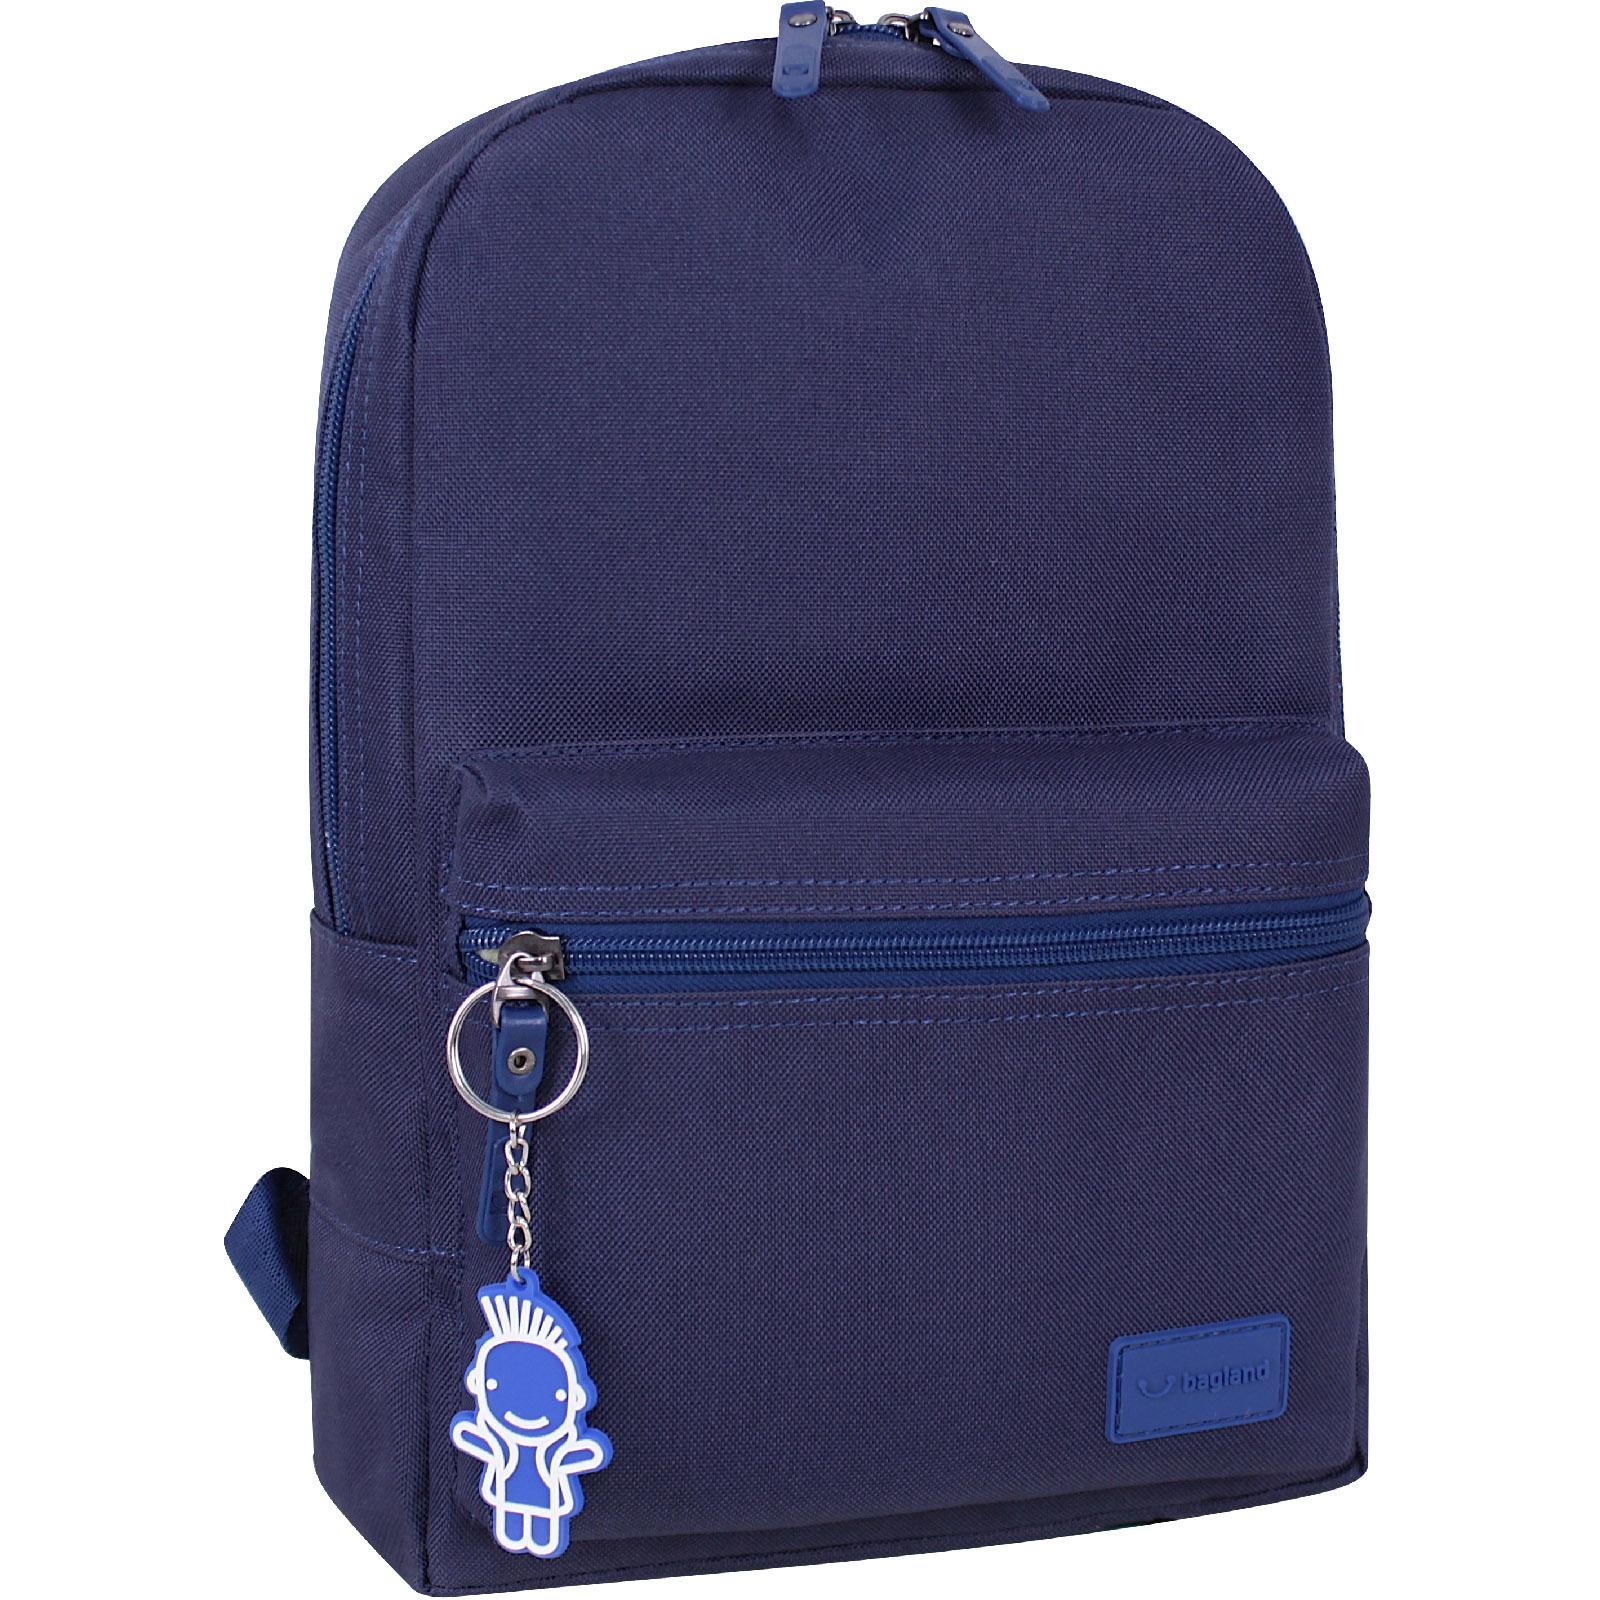 Детские рюкзаки Рюкзак Bagland Молодежный mini 8 л. чернильный (0050866) IMG_0121.JPG